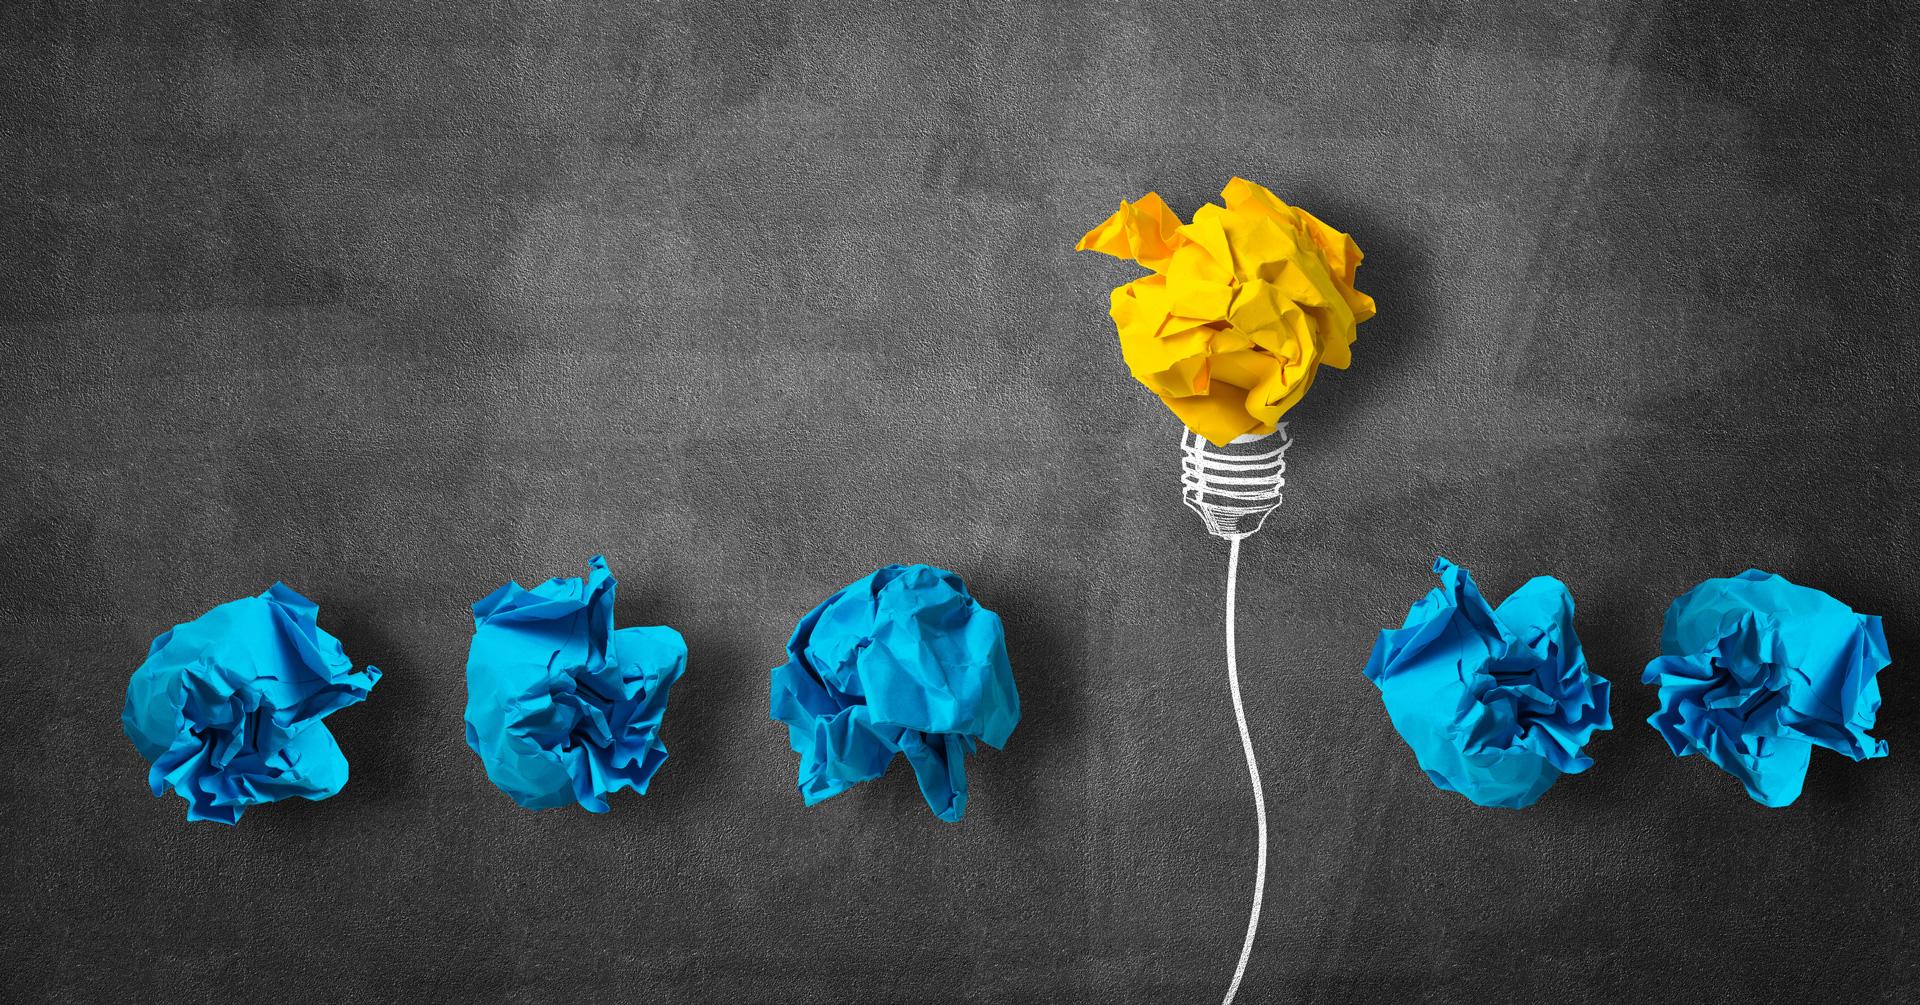 EJERCICIOS PARA CREAR IDEAS